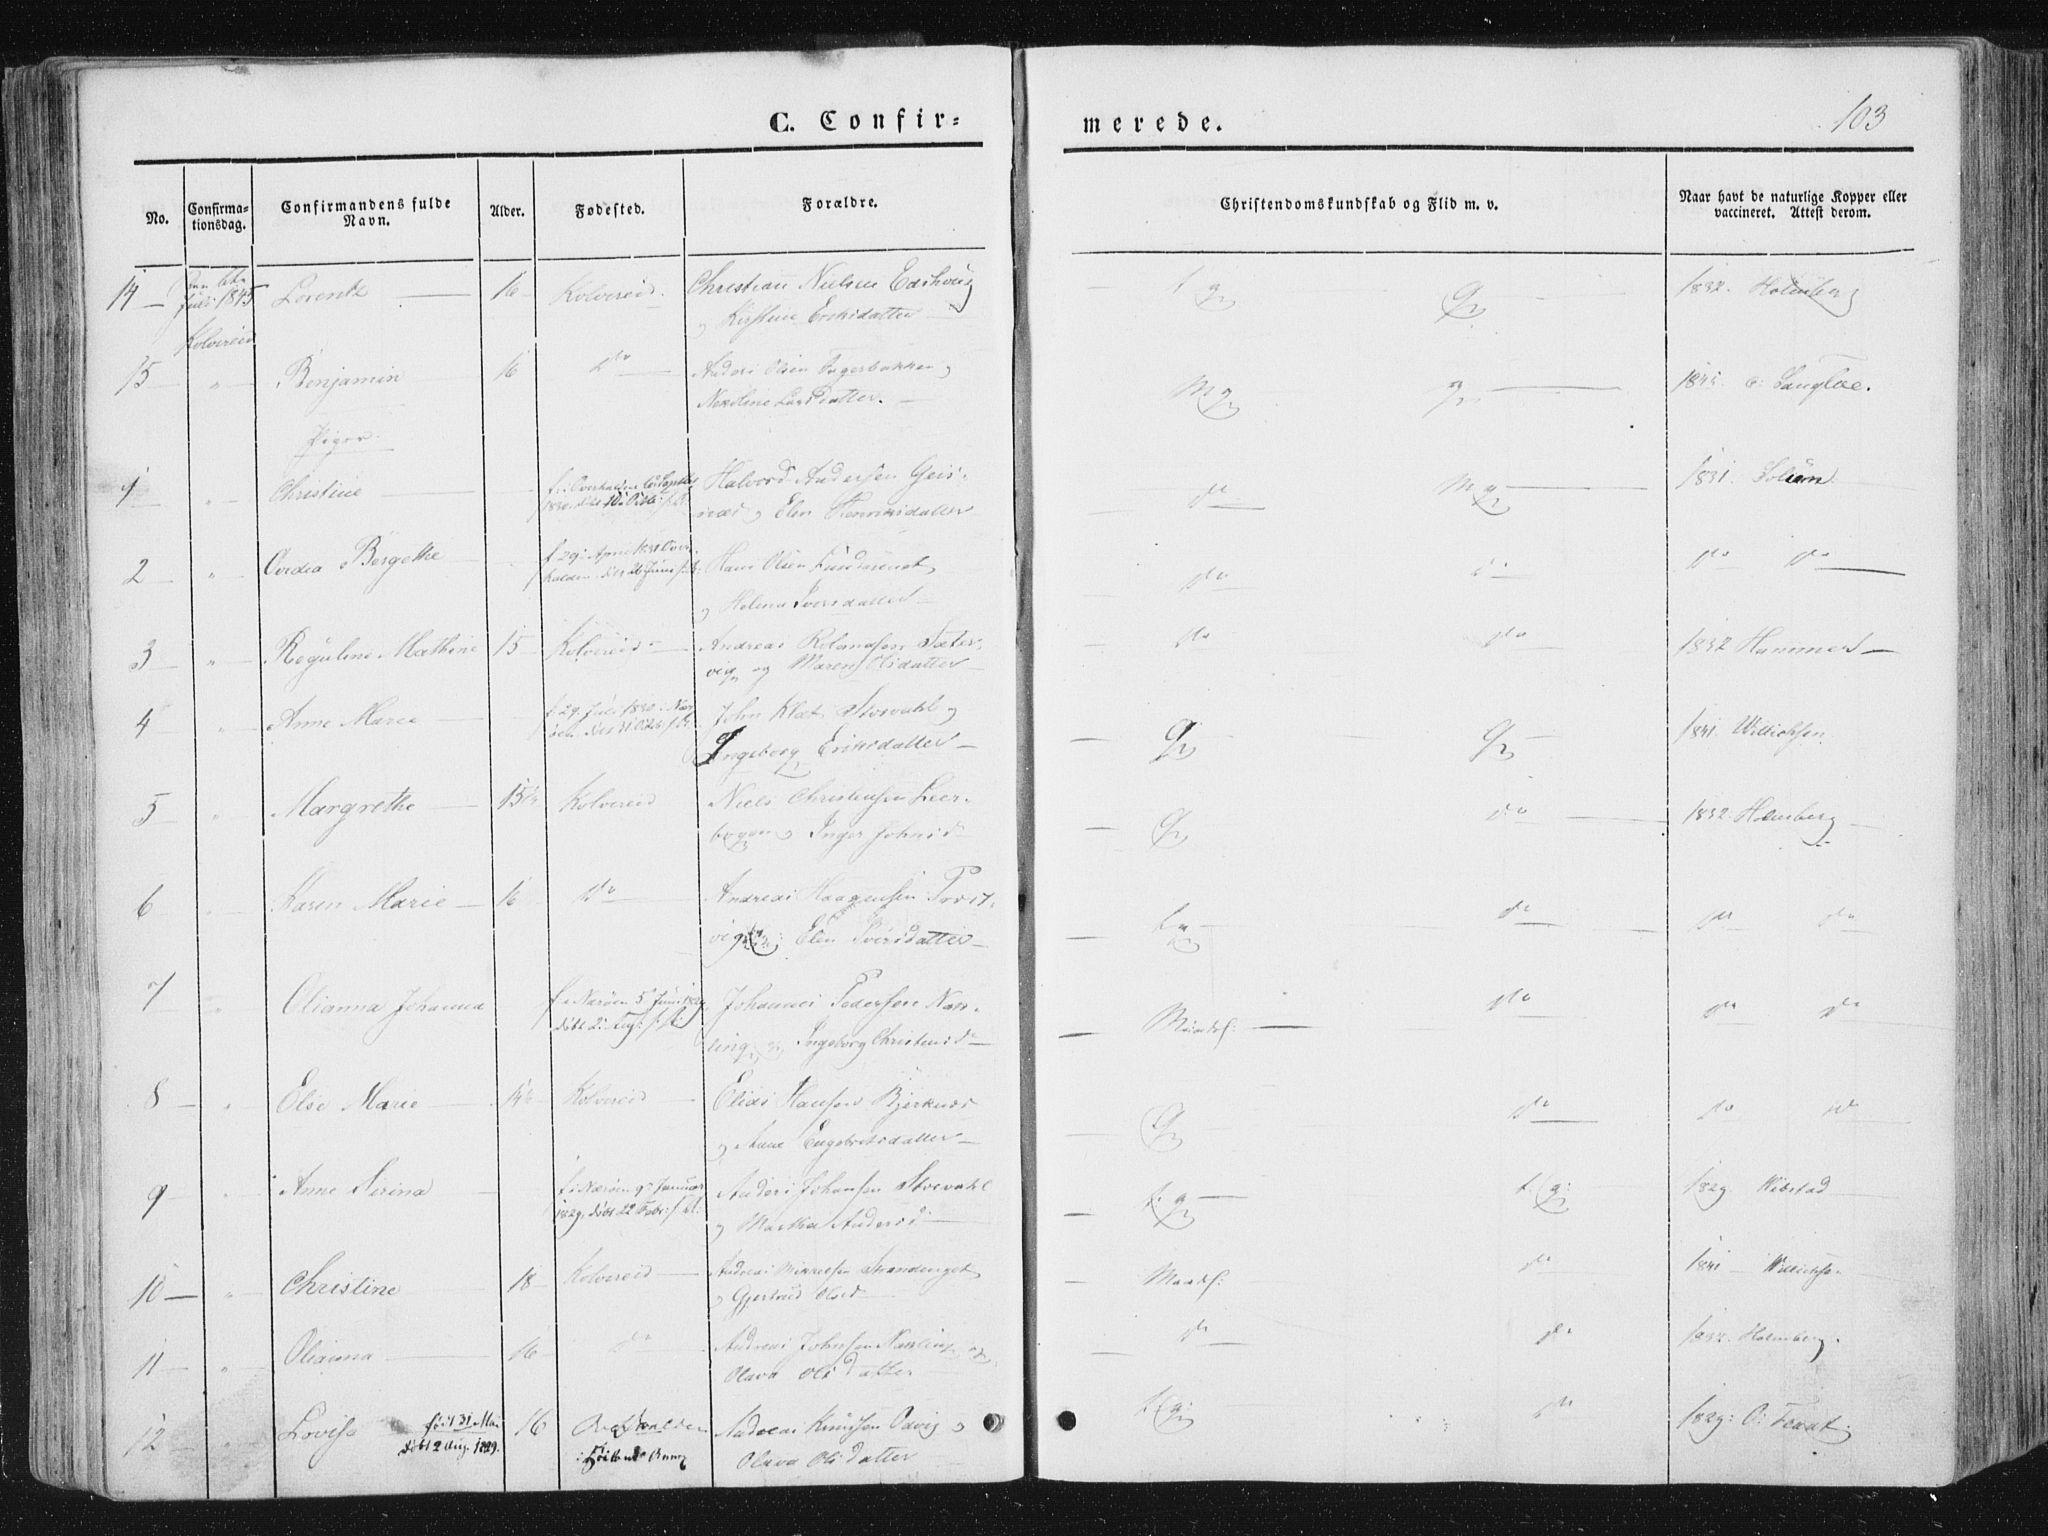 SAT, Ministerialprotokoller, klokkerbøker og fødselsregistre - Nord-Trøndelag, 780/L0640: Ministerialbok nr. 780A05, 1845-1856, s. 103